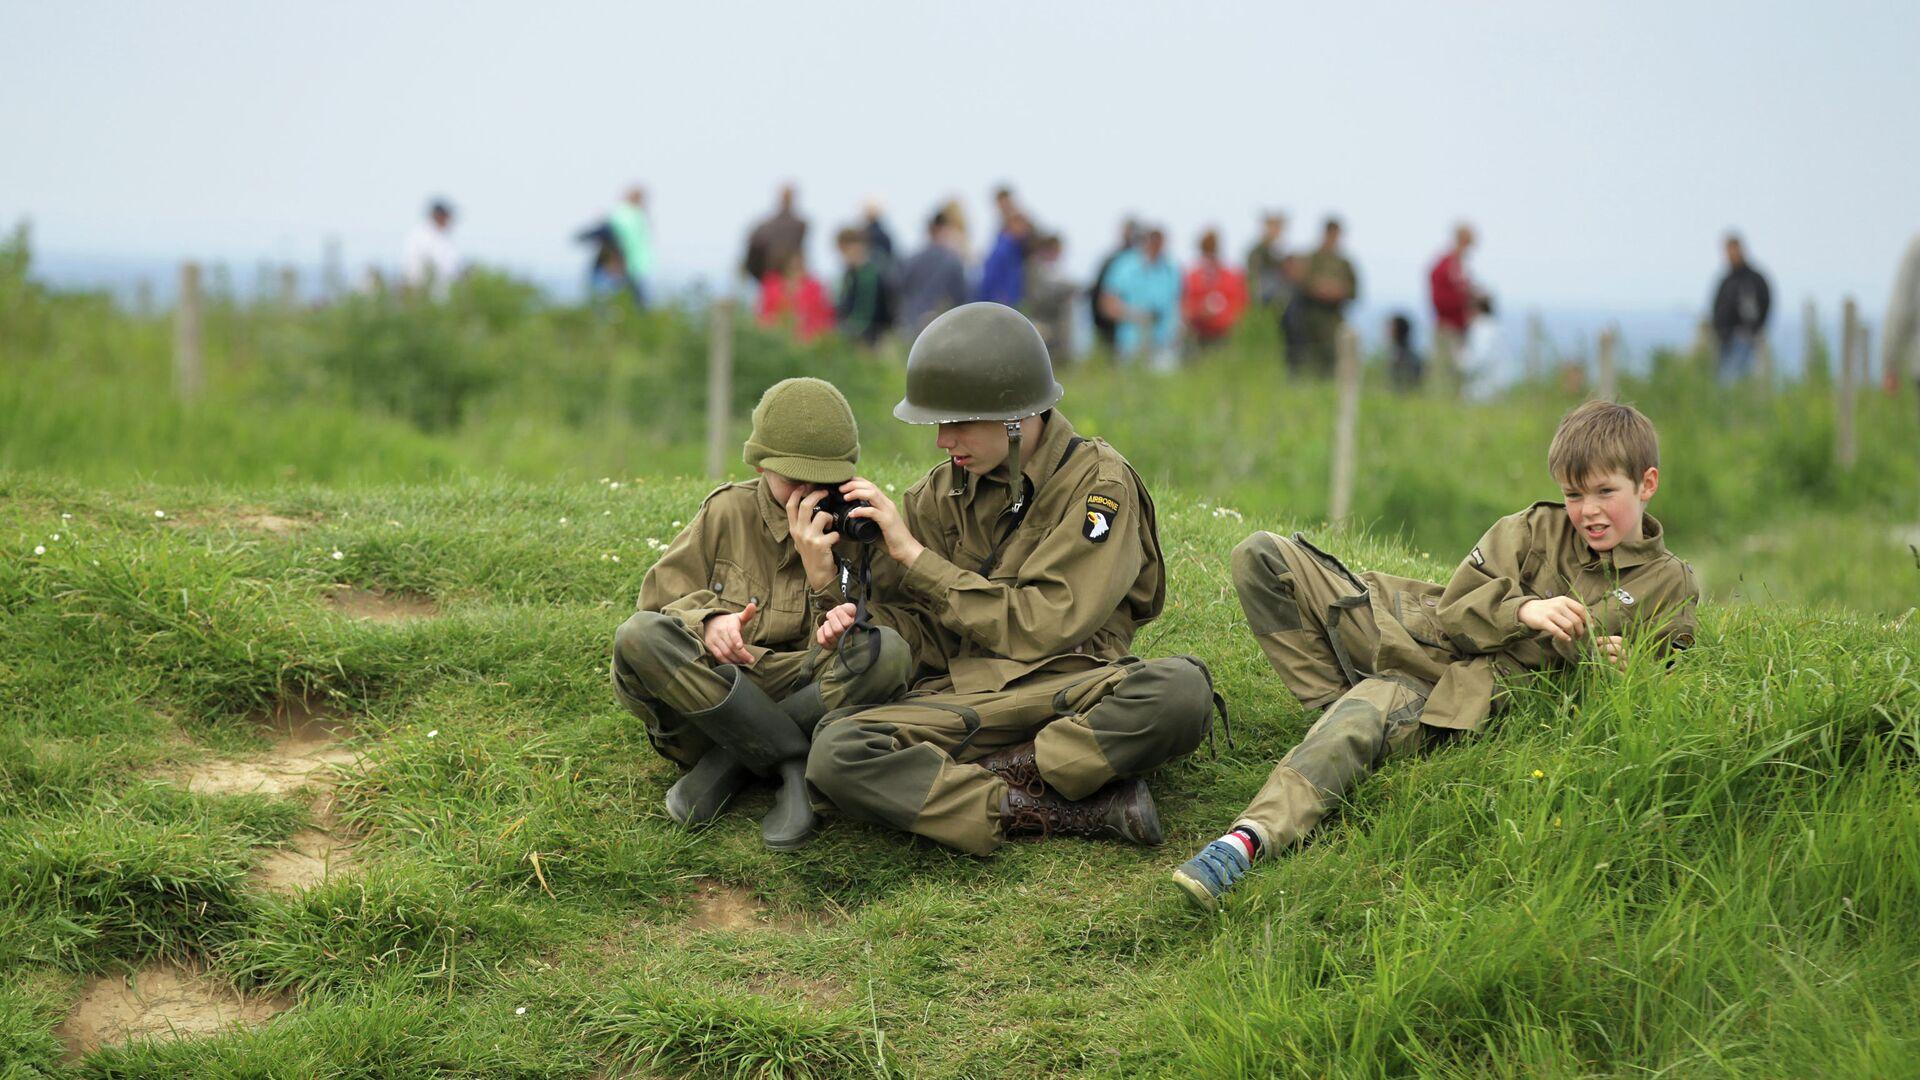 Дети в солдатской форме в Криквиль-ан-Бессен в Нормандии  - РИА Новости, 1920, 08.05.2019